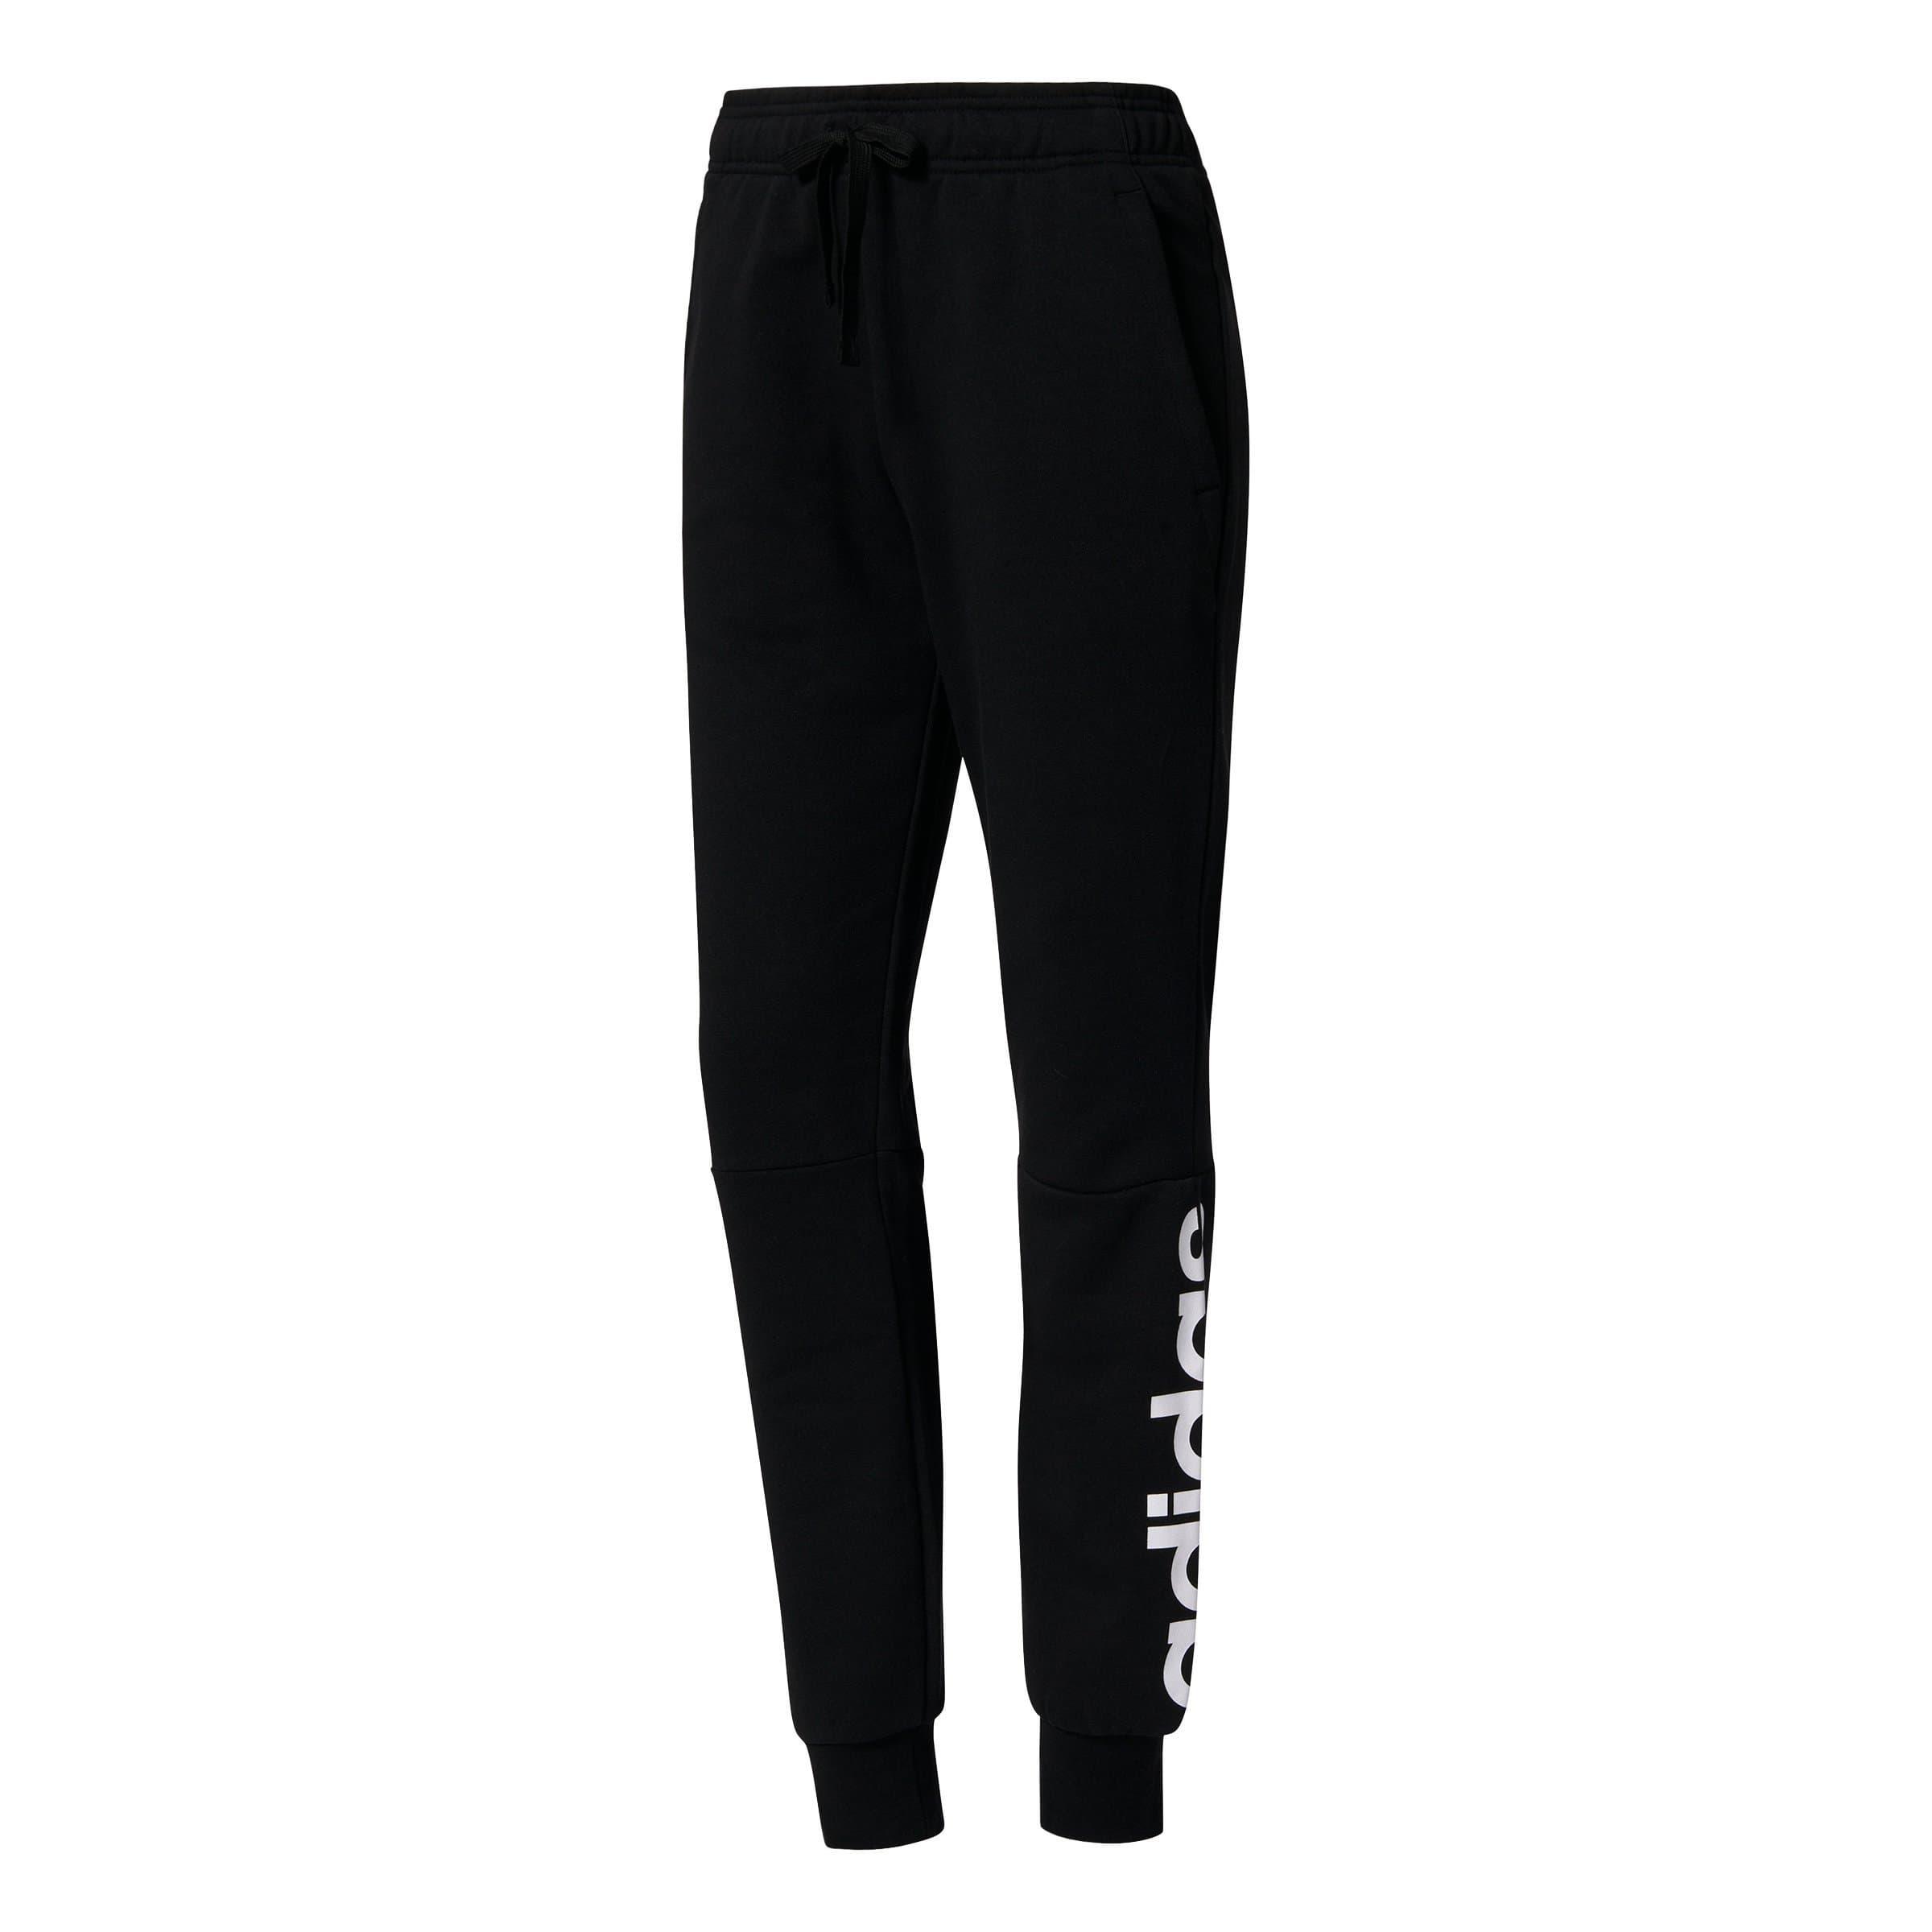 Adidas Essentials Linear Pant Damen Hose